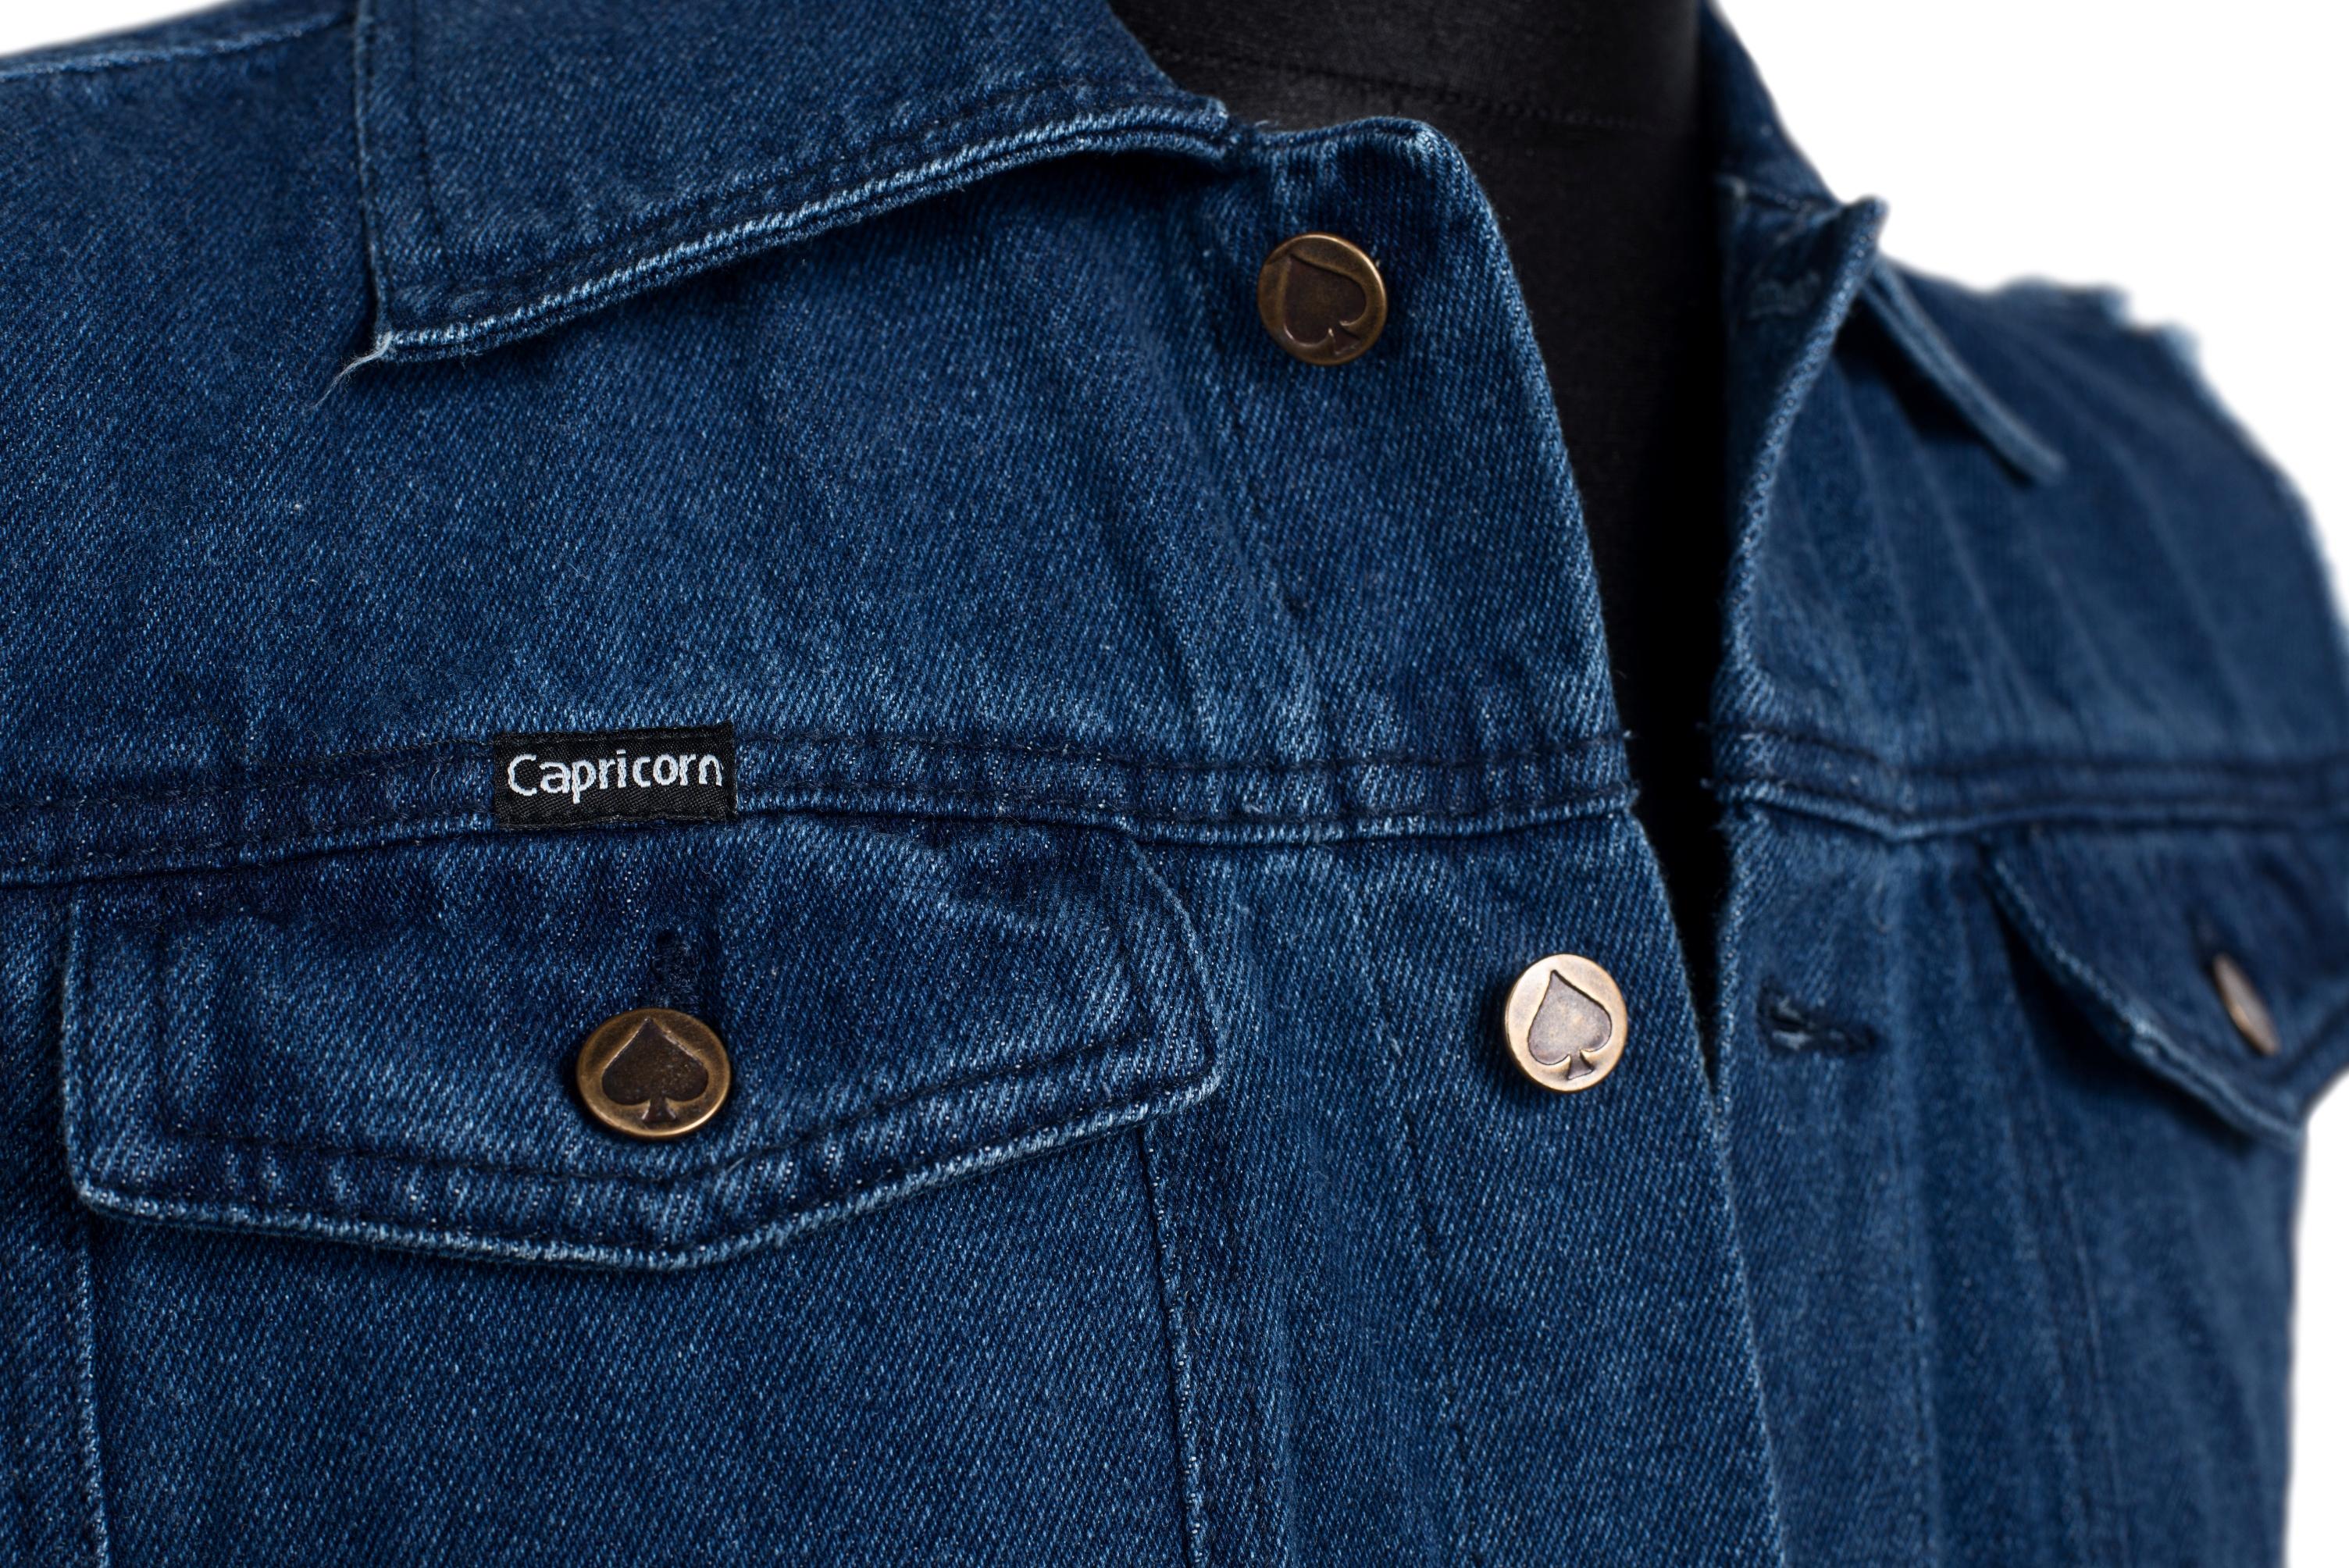 jeans weste blau mit ausgefransten armen capricorn rockwear online shop. Black Bedroom Furniture Sets. Home Design Ideas